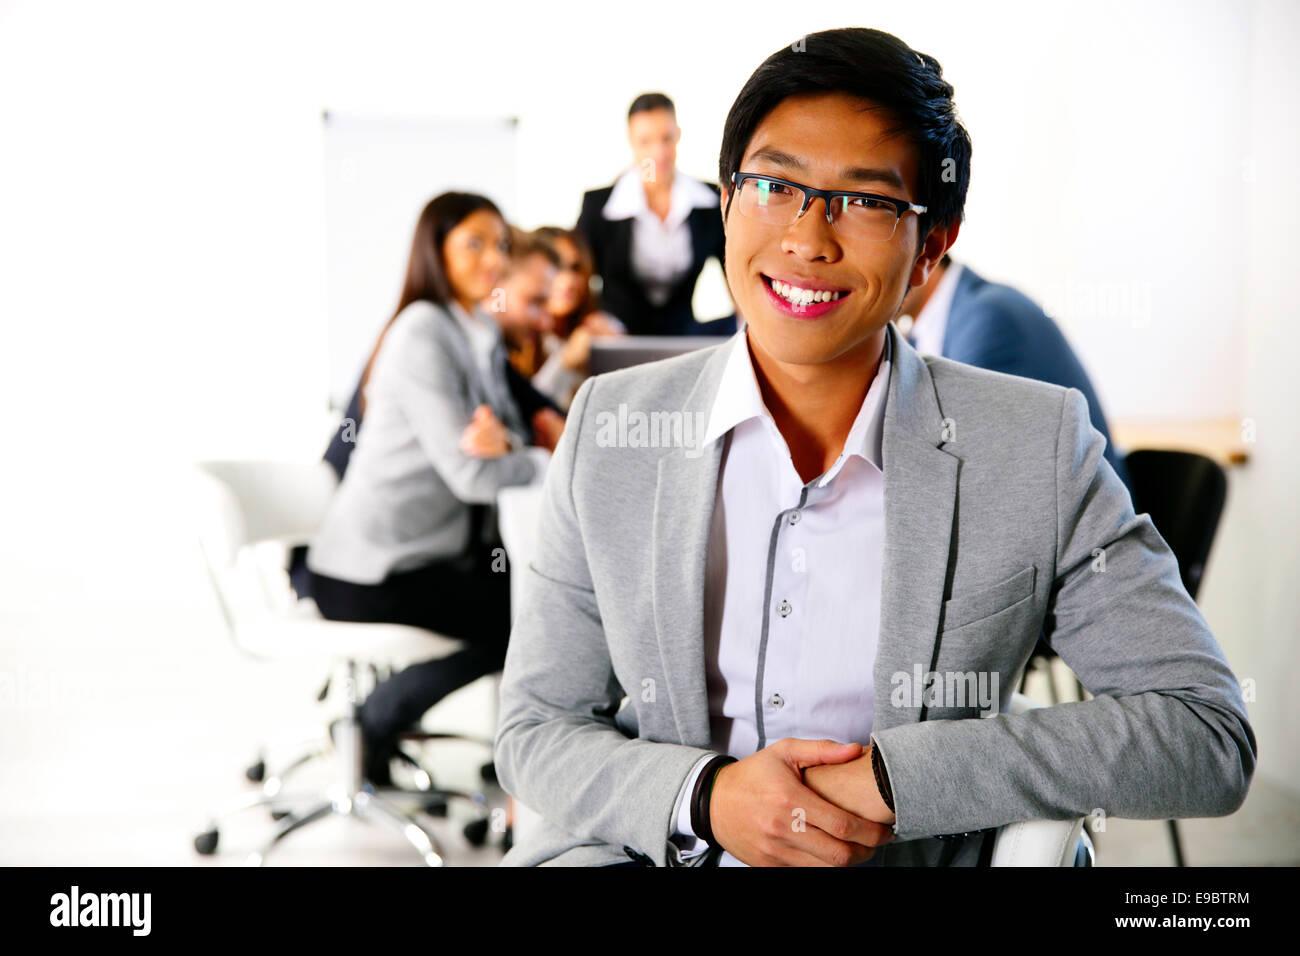 Empresario sentado en la silla de oficina en frente de reunión de negocios Imagen De Stock